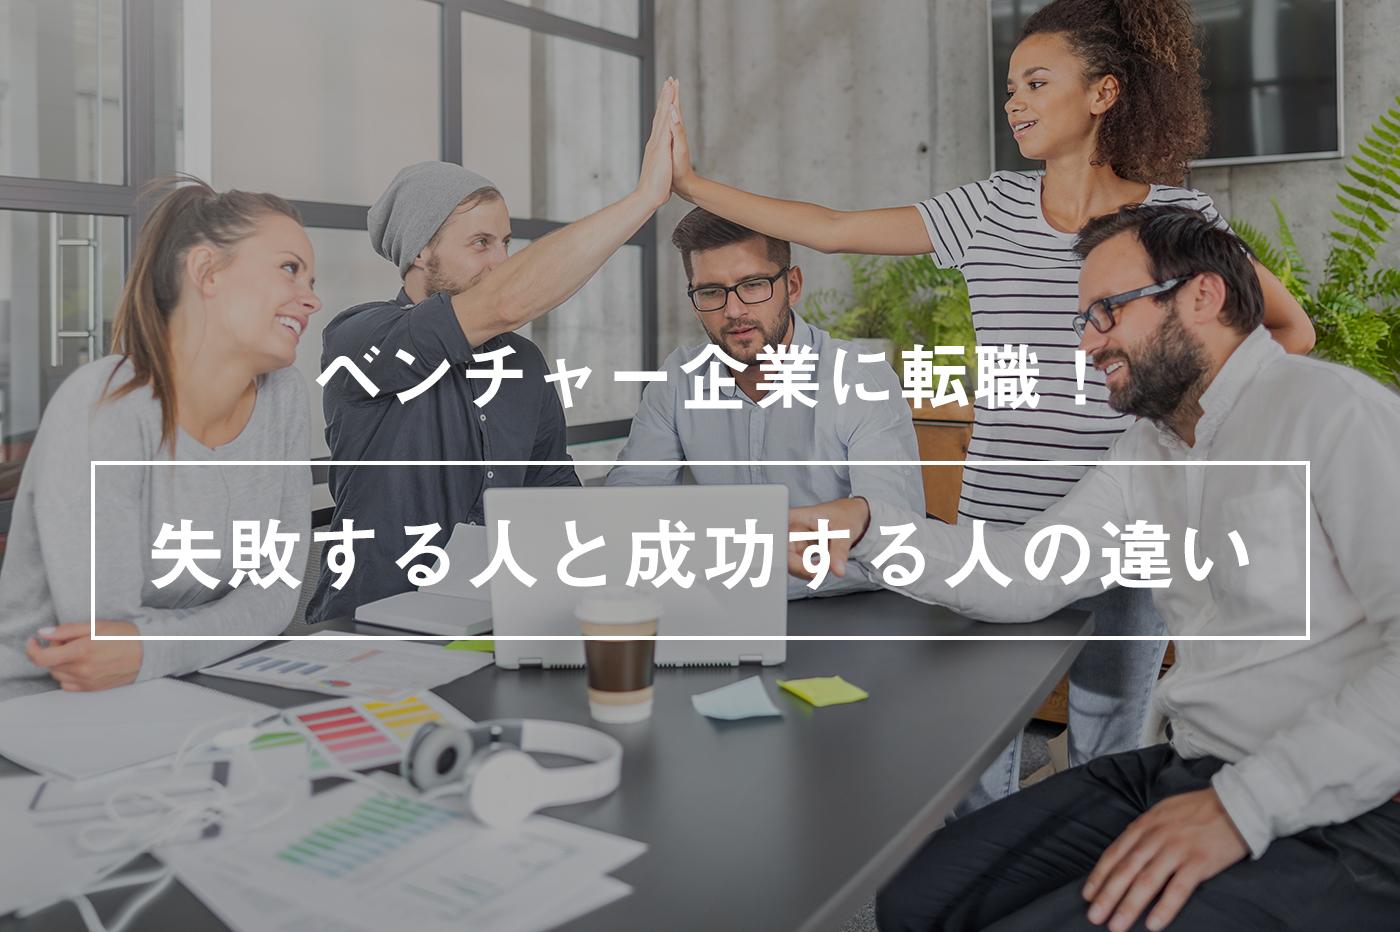 ベンチャー企業に転職して失敗する人と成功する人の違いは?失敗しない選び方も解説!